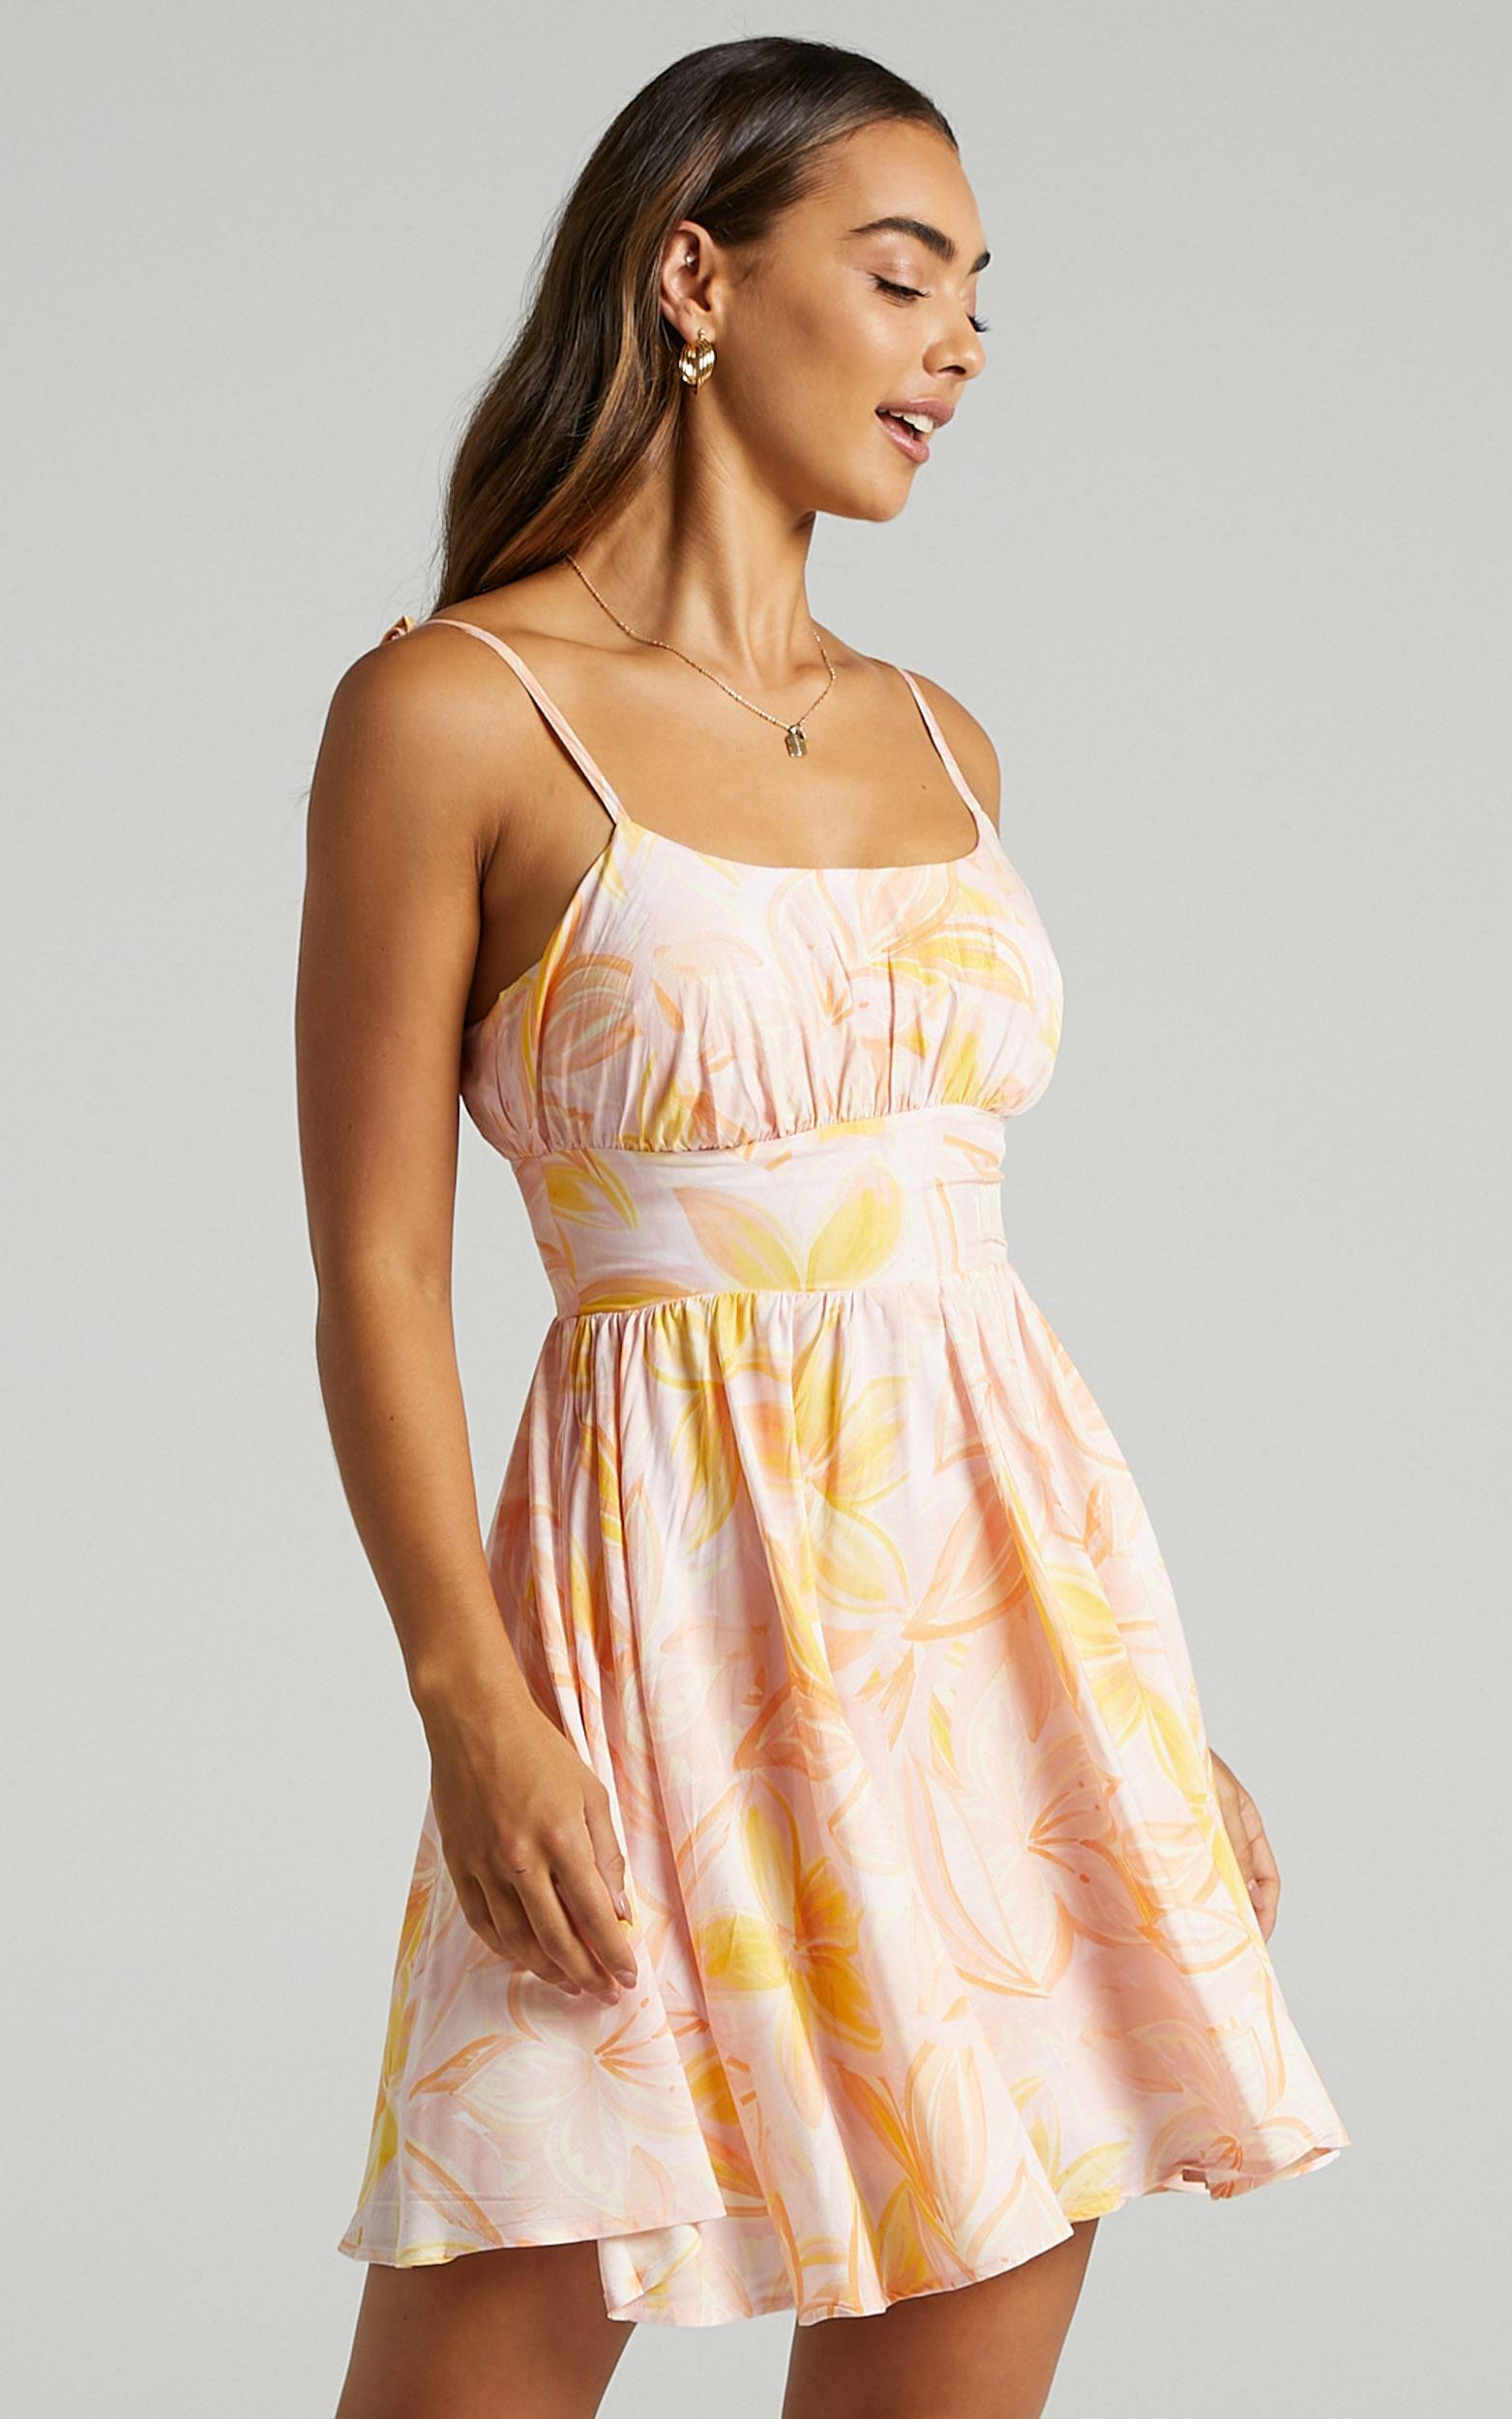 Summer Jam Dress in Summer Floral - 6 (XS), Pink, hi-res image number null